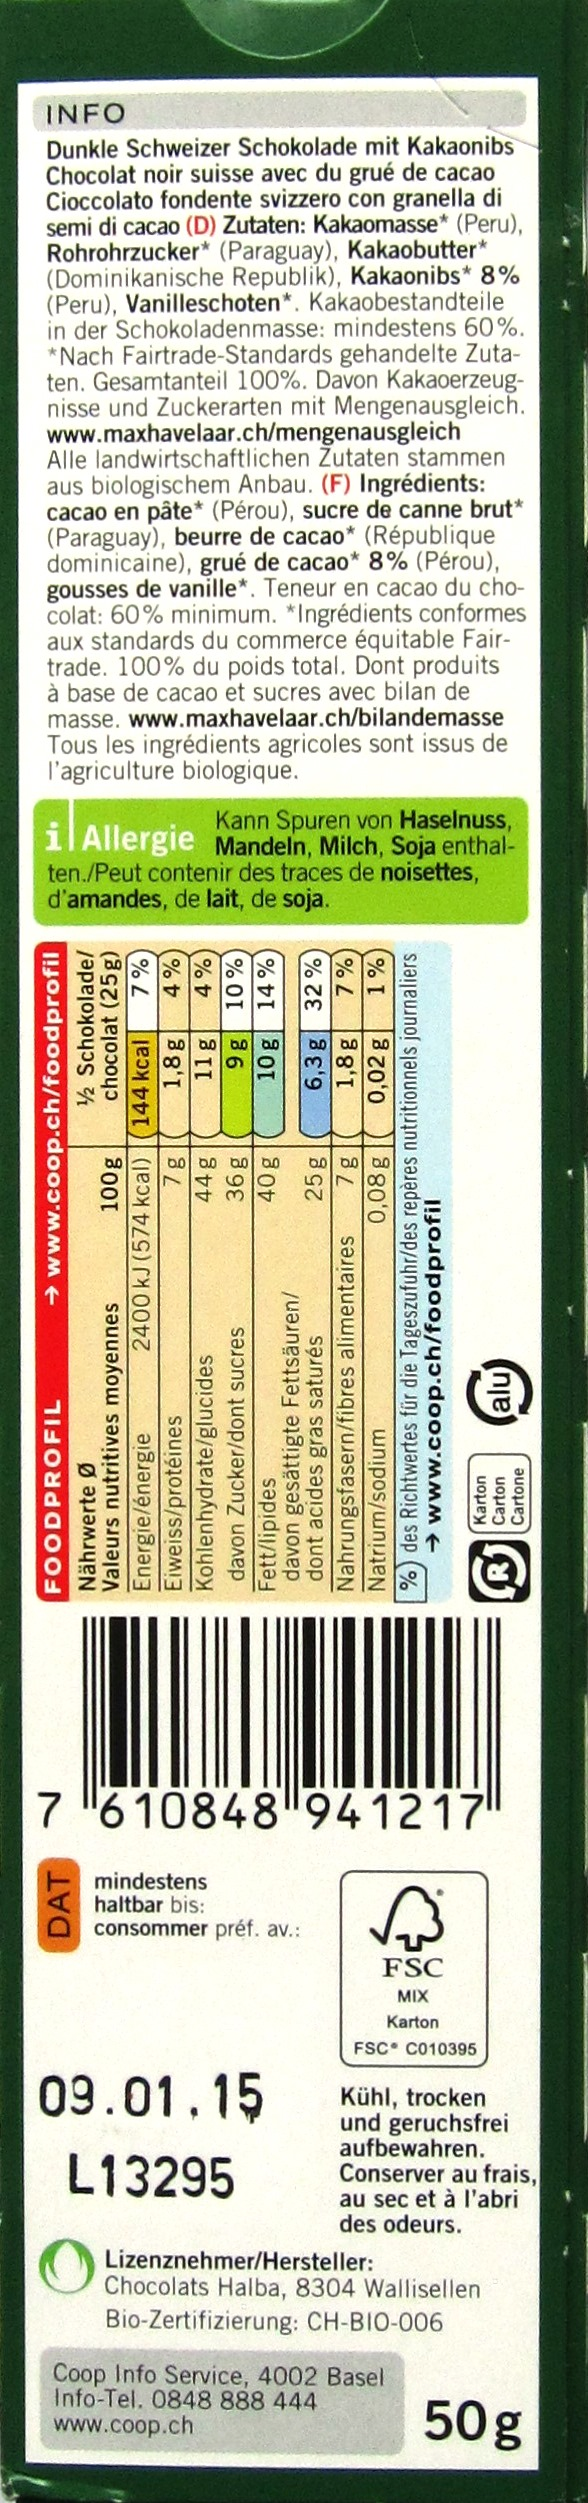 Inhalt: Coop Naturaplan Bio Dunkle Schokolade 60%